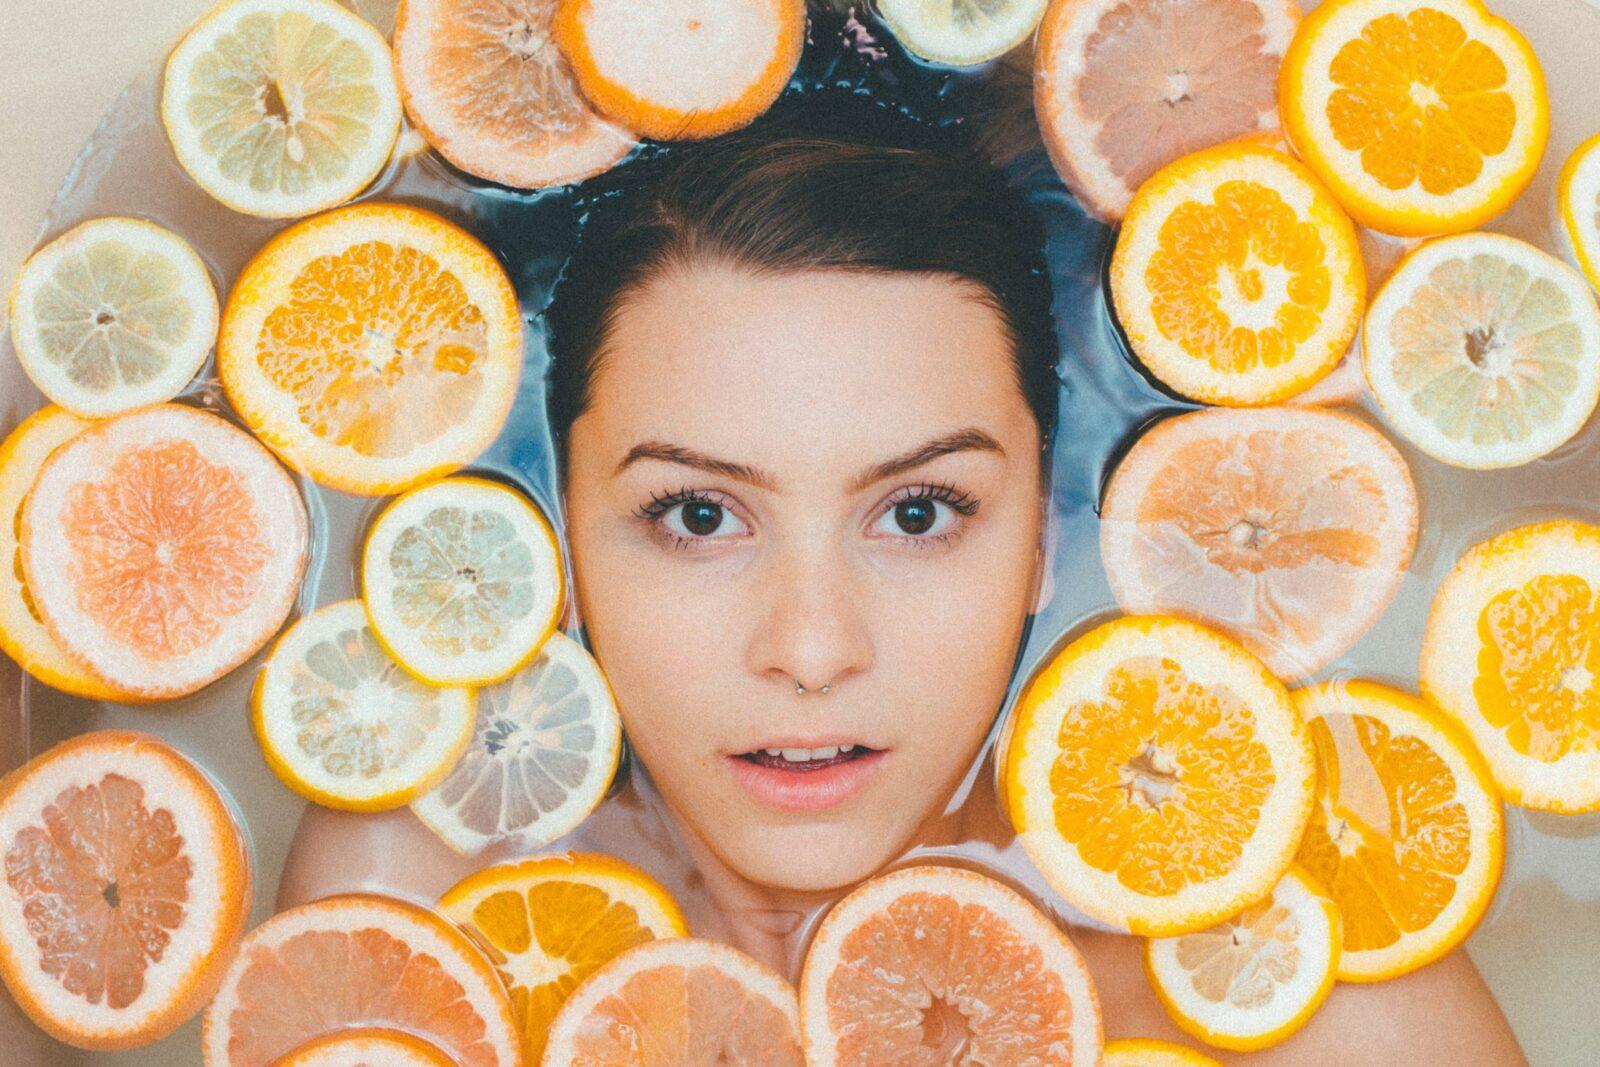 Das Bild zeigt eine Frau mit Zitrusfrüchten um ihr Gesicht.